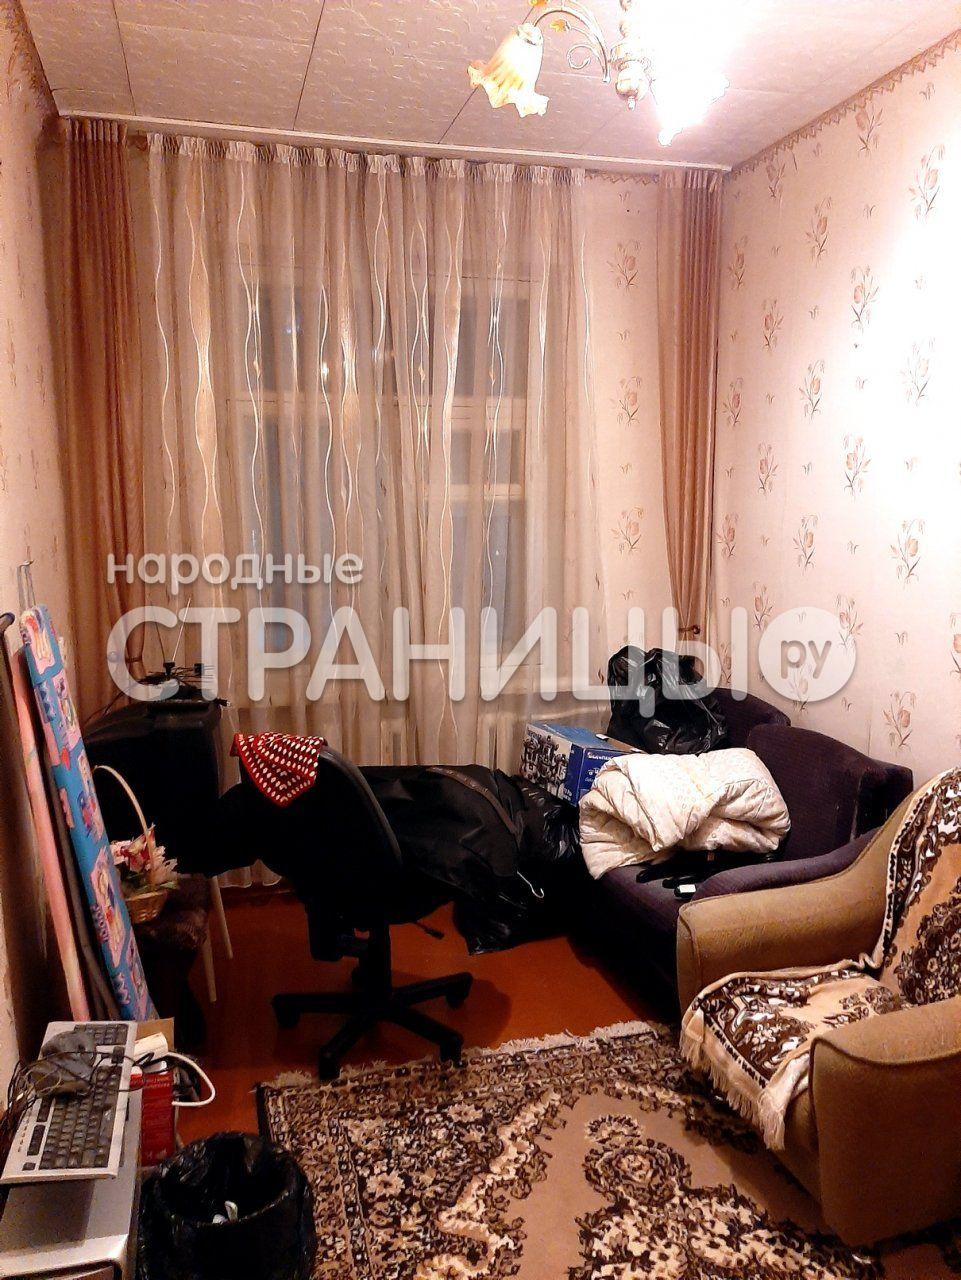 Комната в 4-к кв. 2 этаж, 70.4 кв.м.